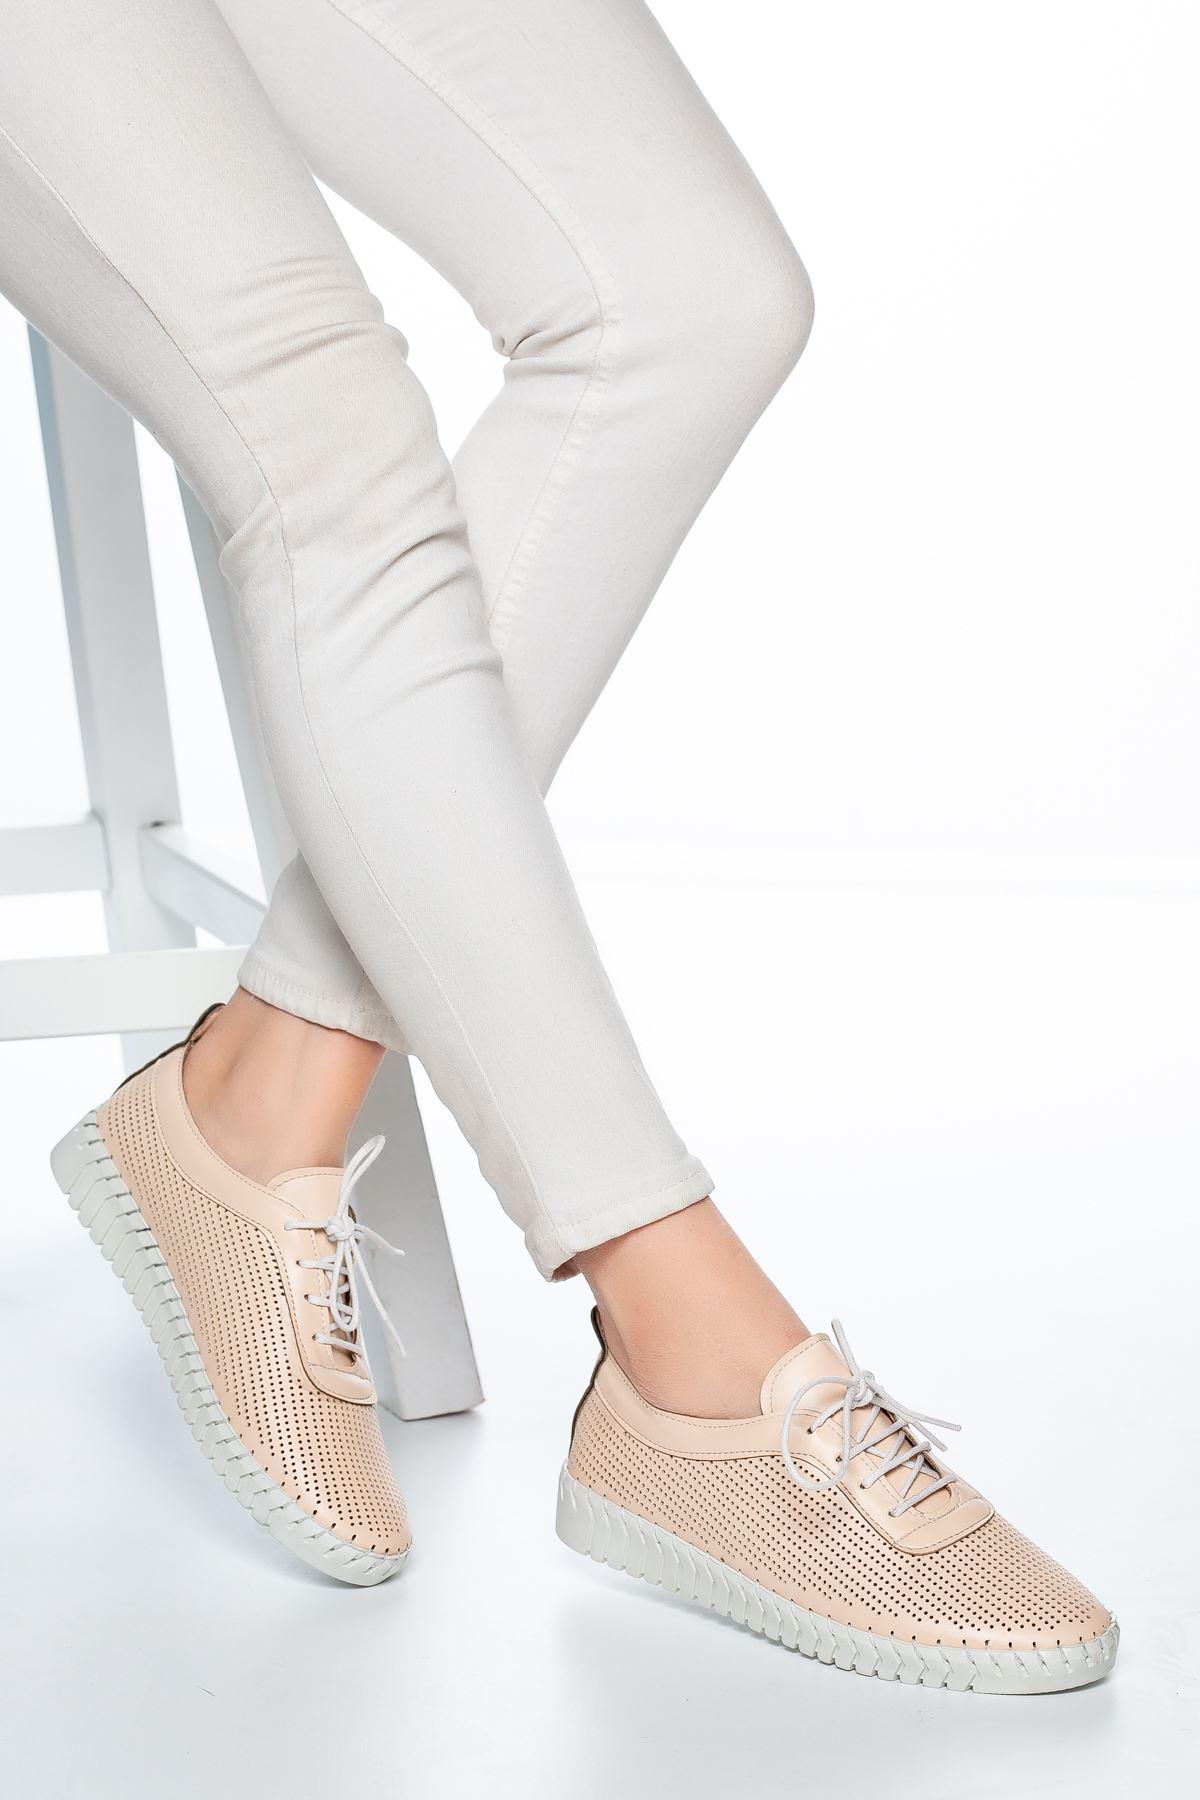 Harper Günlük Ayakkabı Ten